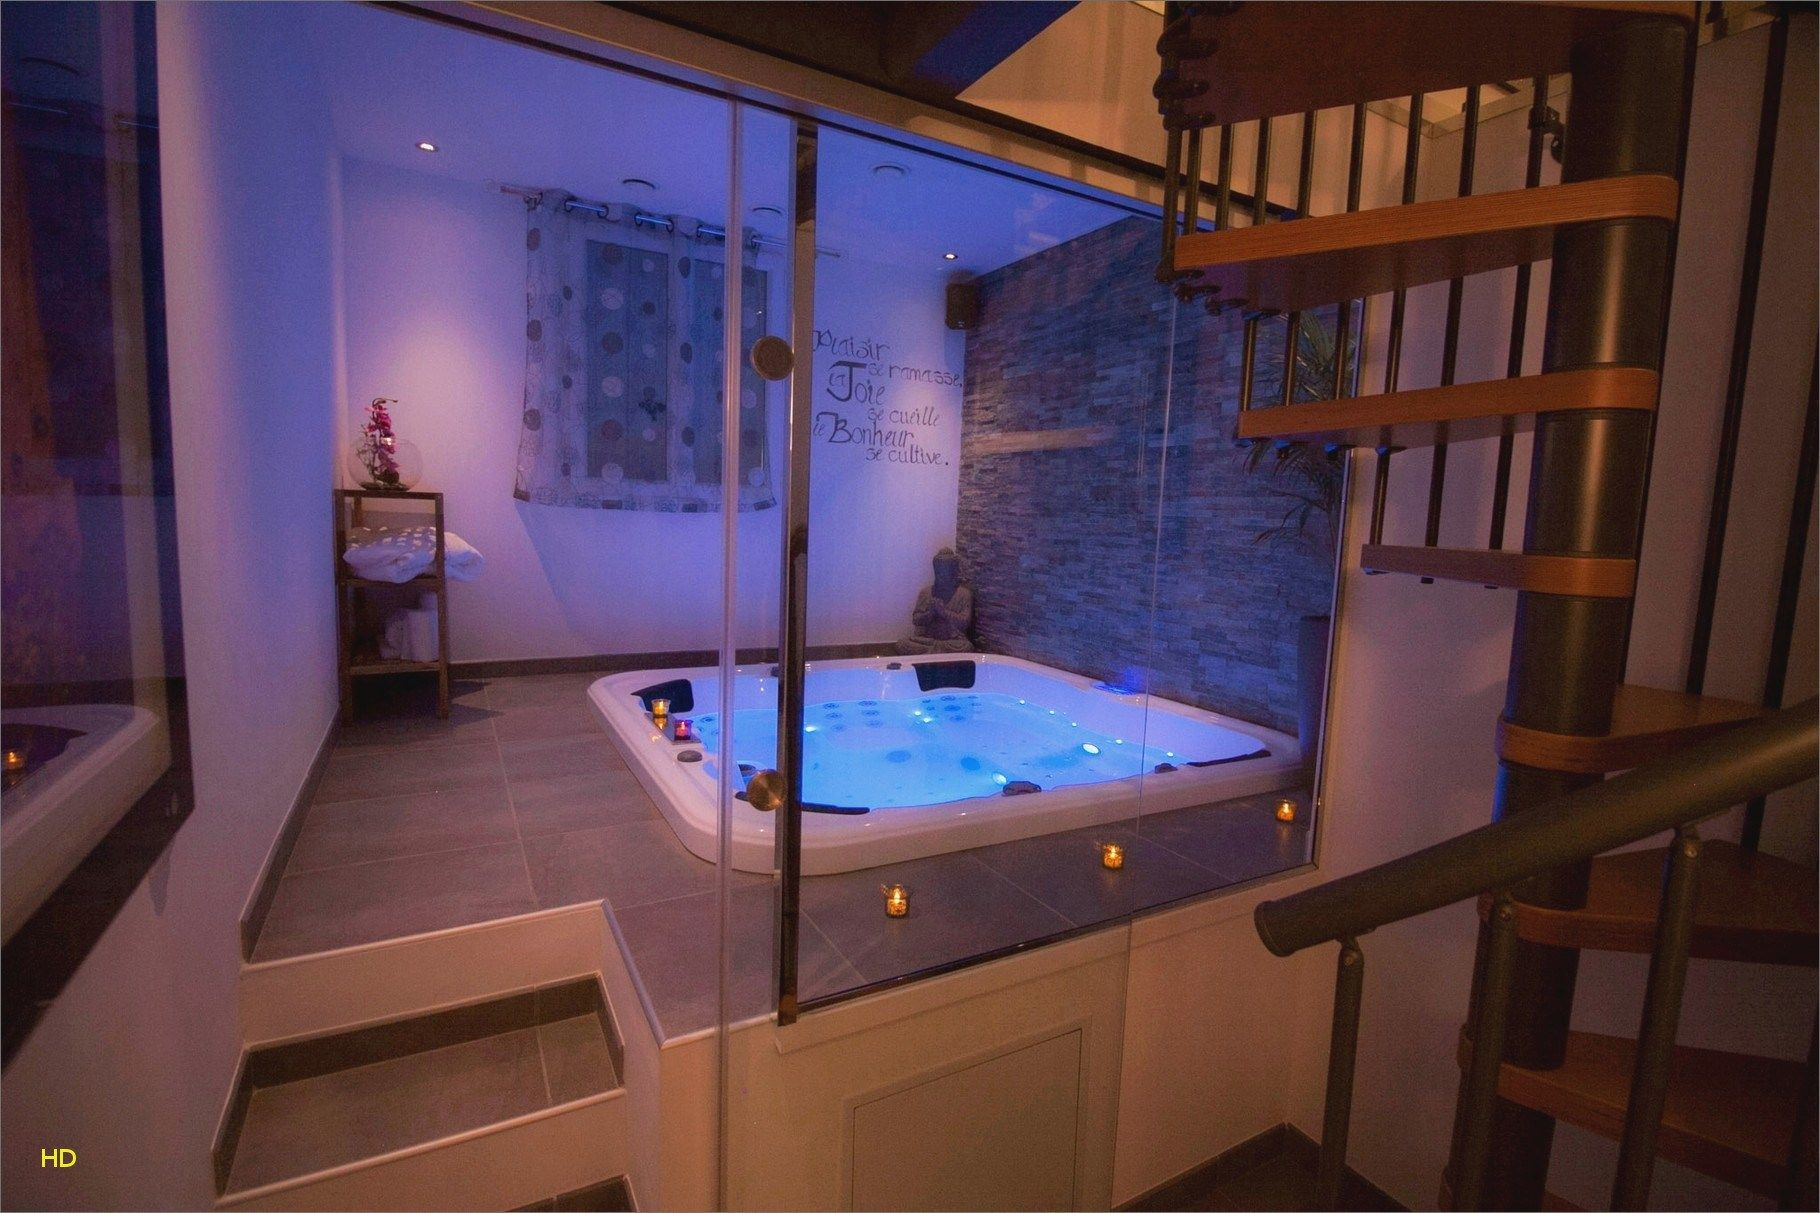 New Hotel Lyon Jacuzzi Privatif Avec Images Chambre Spa